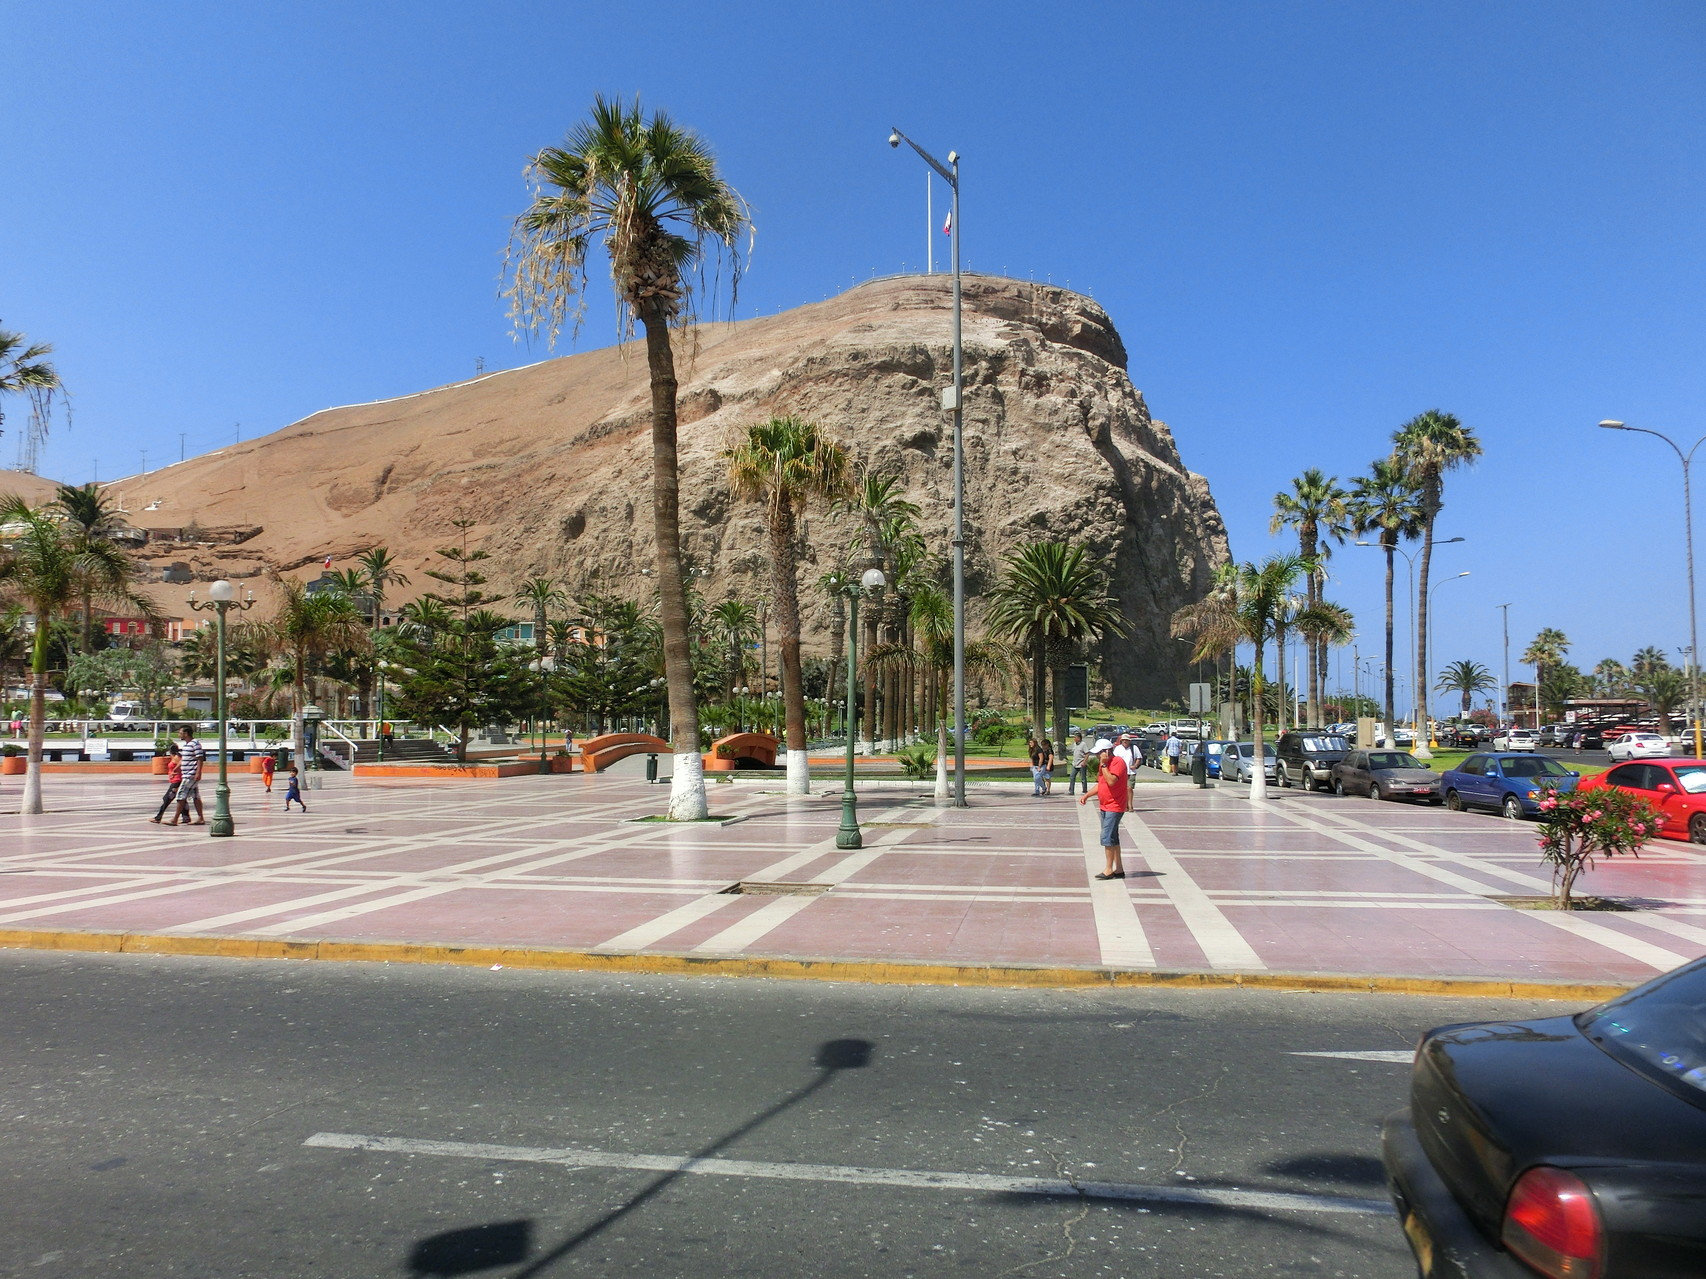 Nochmals die Plaza mit dem Morro